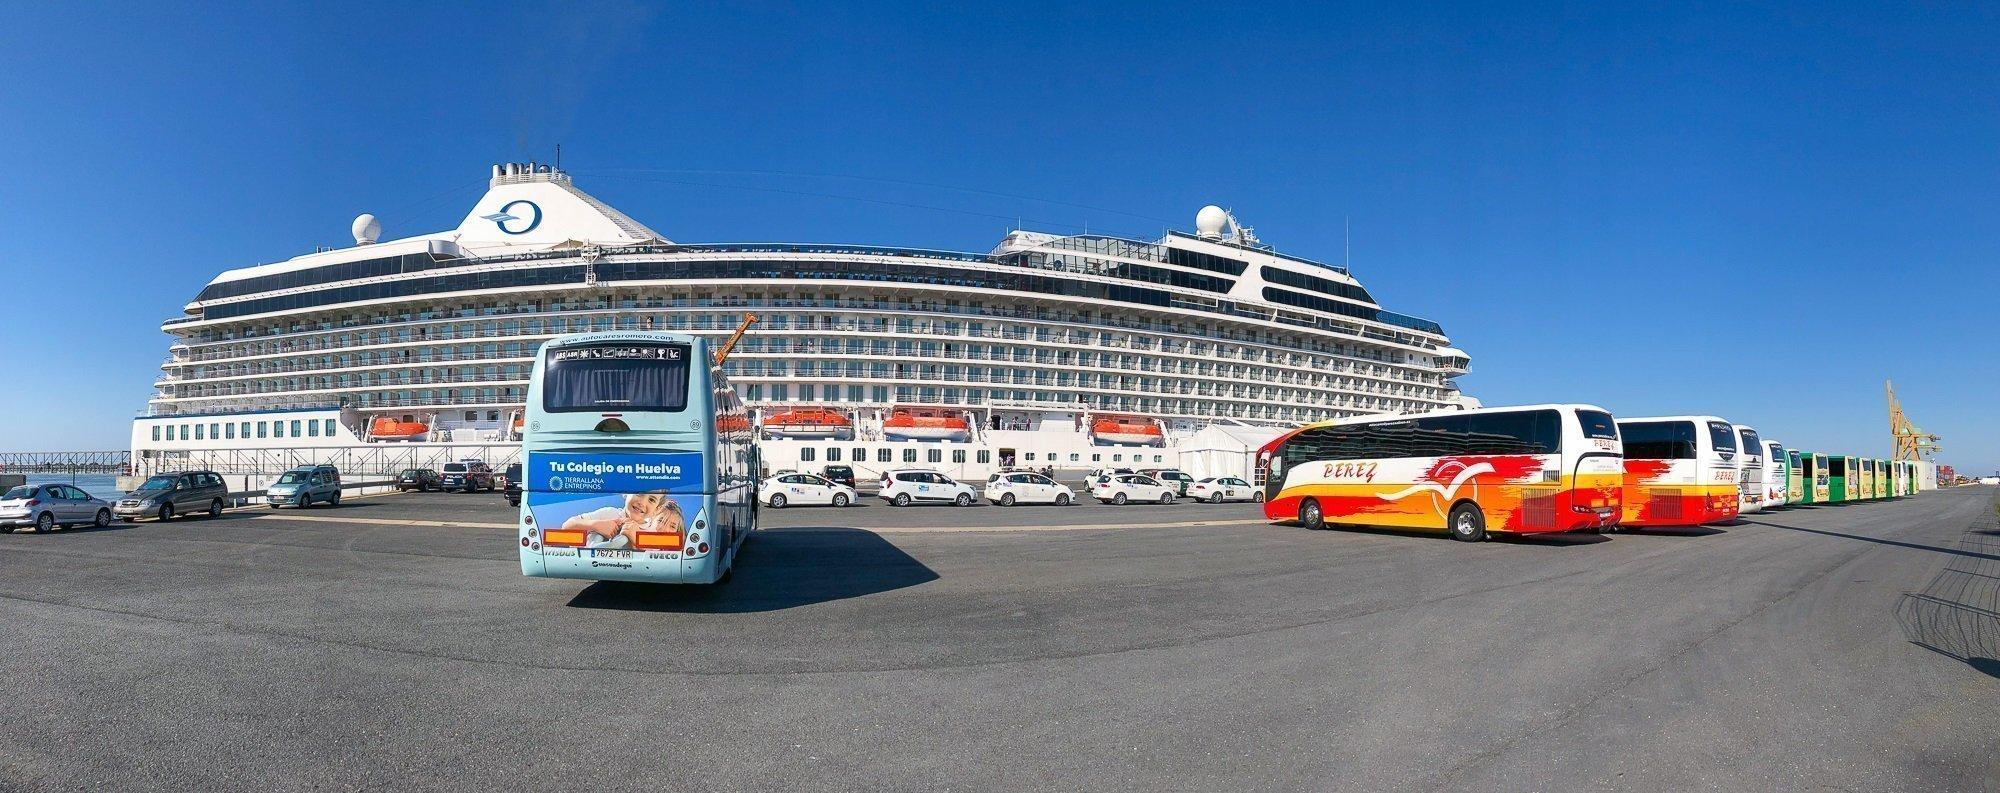 Crucero MS Riviera - Puerto de Huelva-2